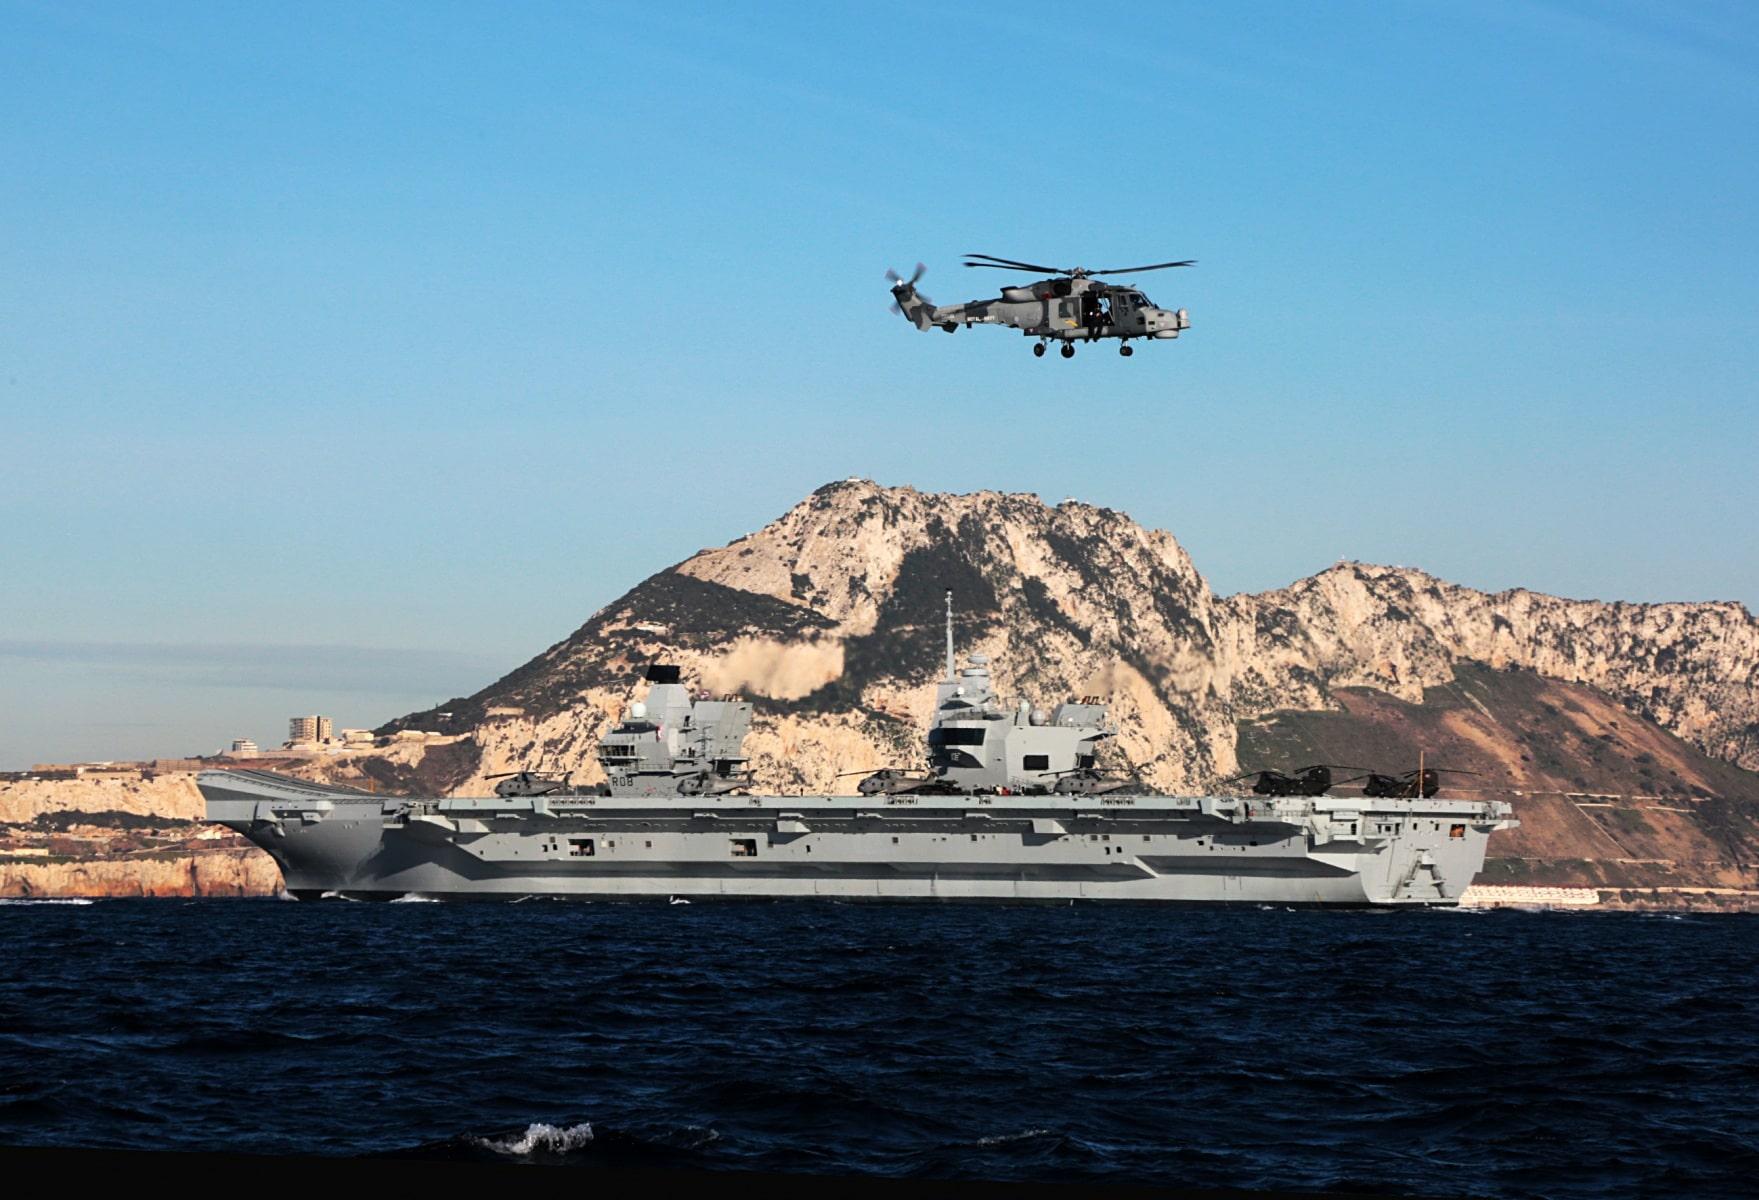 portaaviones-hms-queen-elizabeth-llegando-a-gibraltar-imagen-tomada-desde-uno-de-los-buques-de-apoyo-via-royal-navy-15_40133903232_o